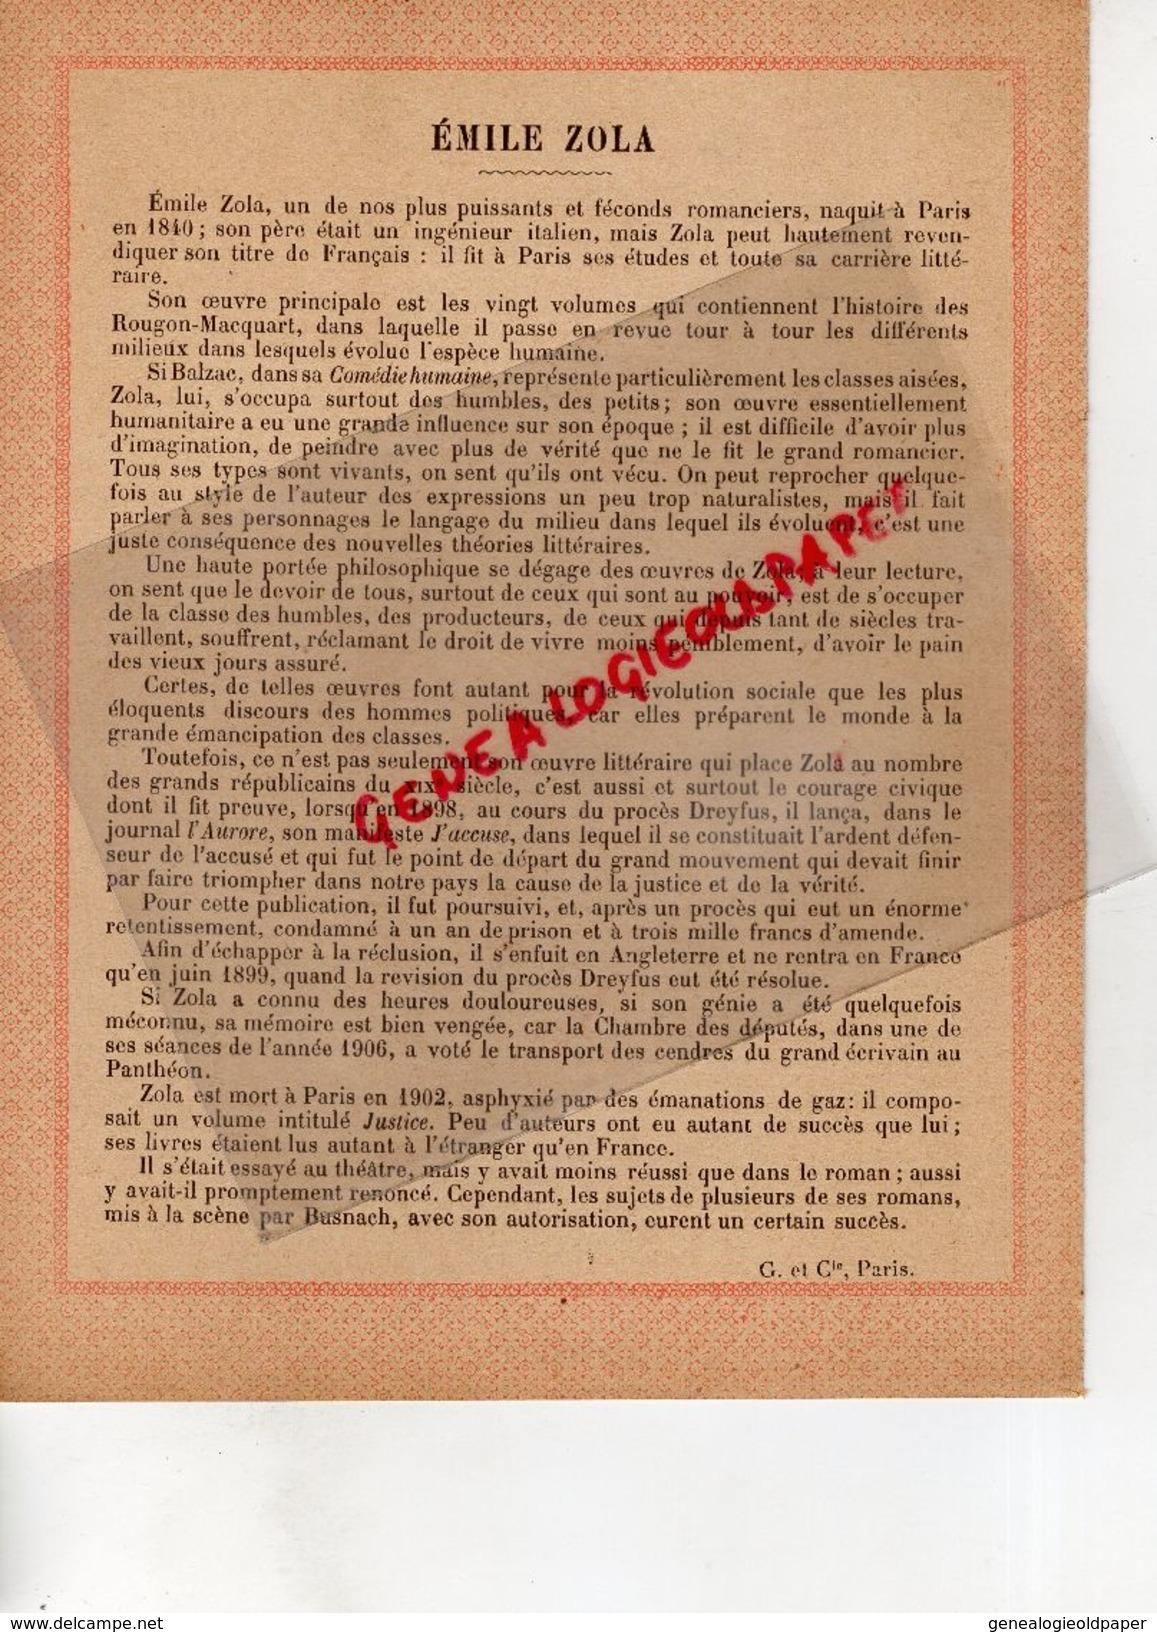 75-PARIS-PROTEGE CAHIER- IMPRIMERIE DUCOURTIEUX LIMOGES-GRANDS REPUBLICAINS XIX E SIECLE-EMILE ZOLA - Blotters